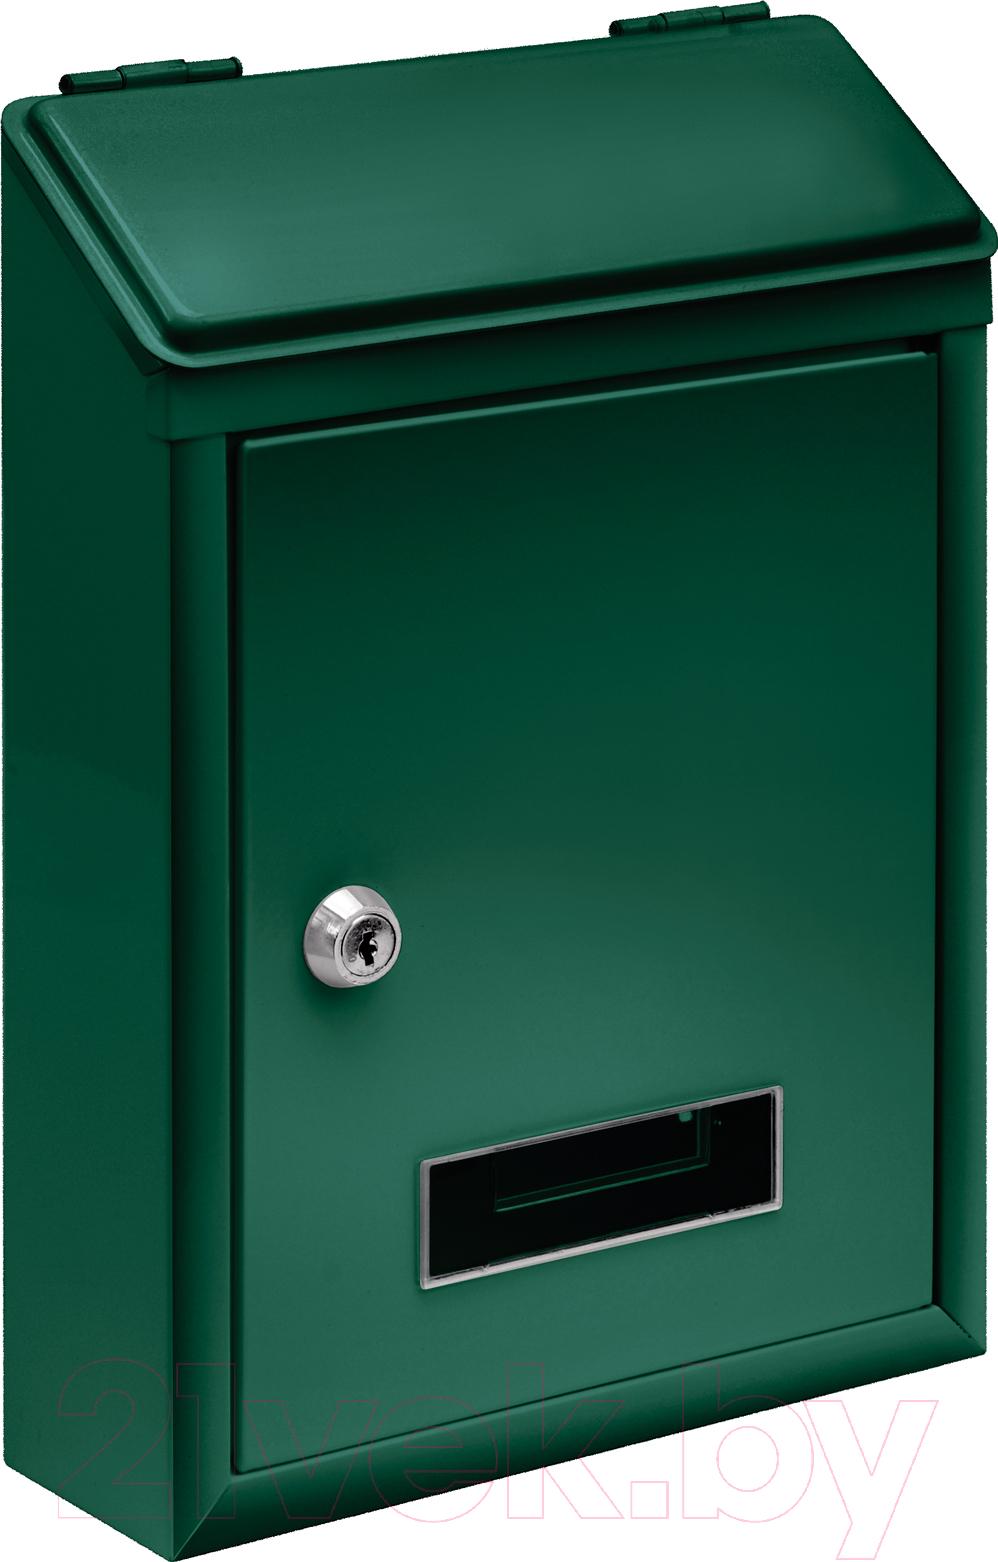 Купить Почтовый ящик Vorel, 78553, Польша, зеленый, сталь